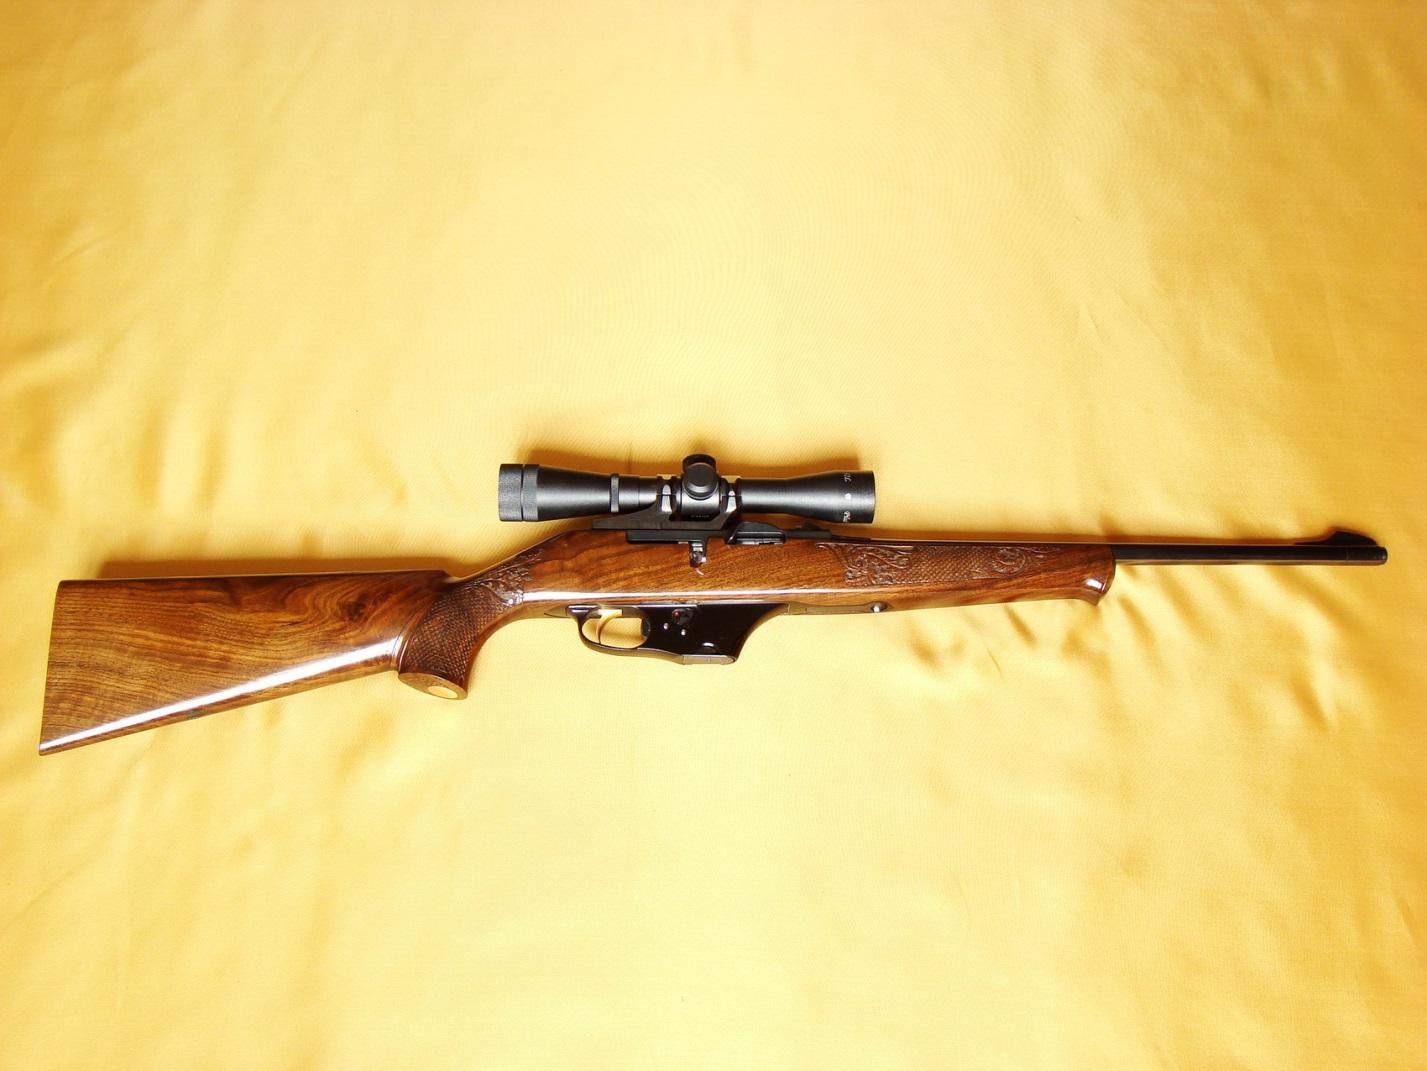 Спортивная мелкокалиберная винтовка